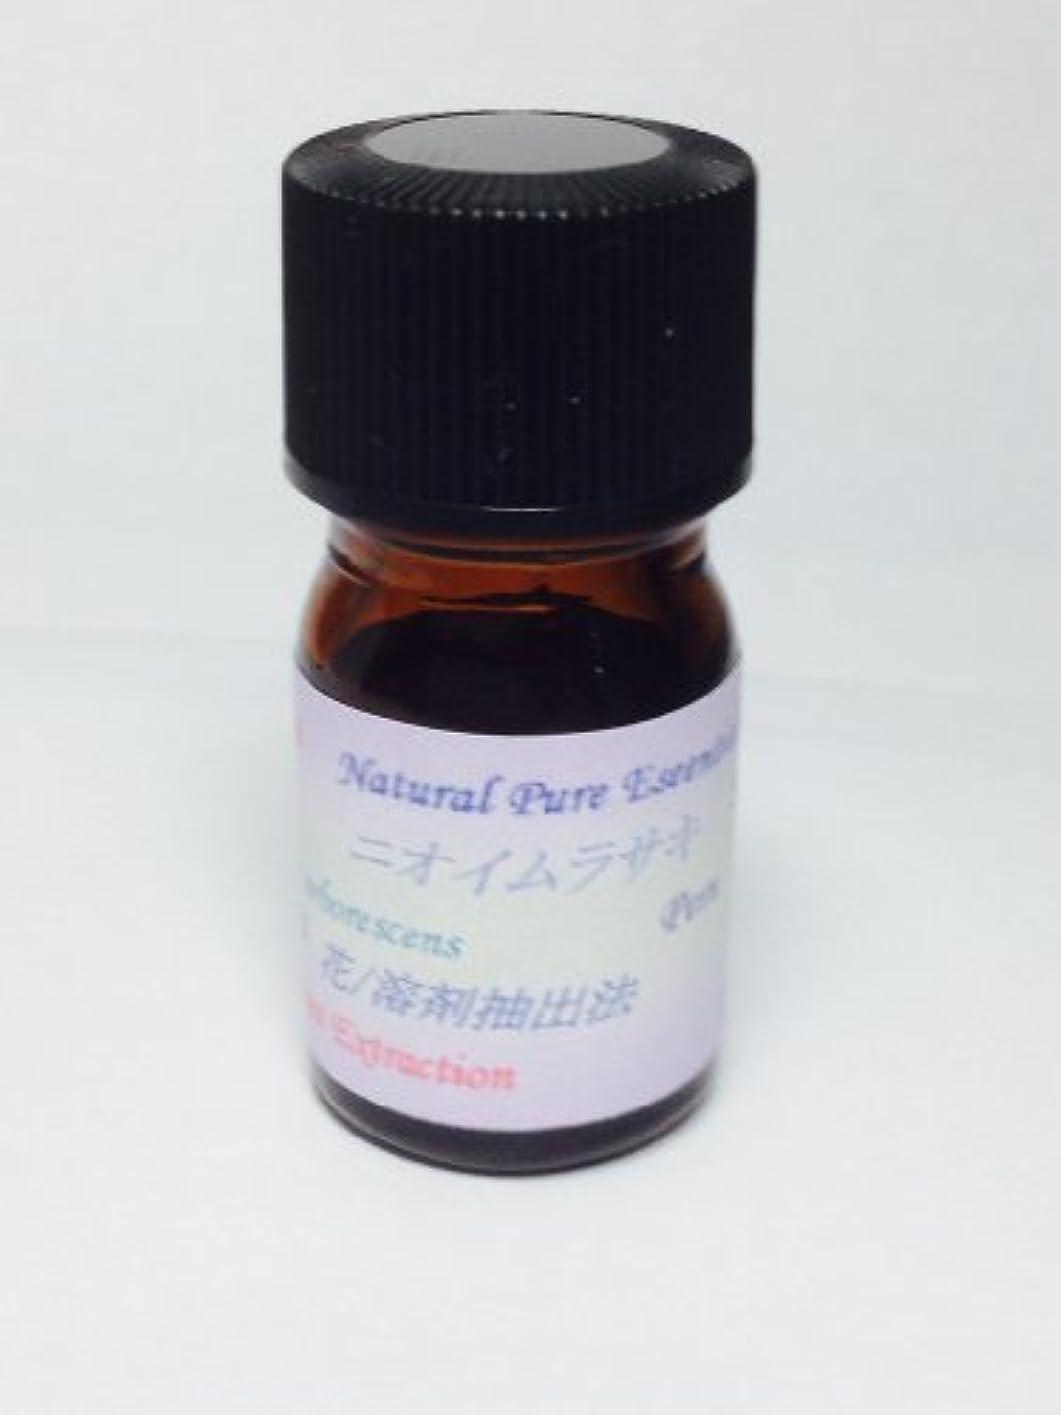 立場ヘッドレスコモランマヘリオトロープAbs 10ml 和名 においむらさき 100%ピュアエッセンシャルオイル